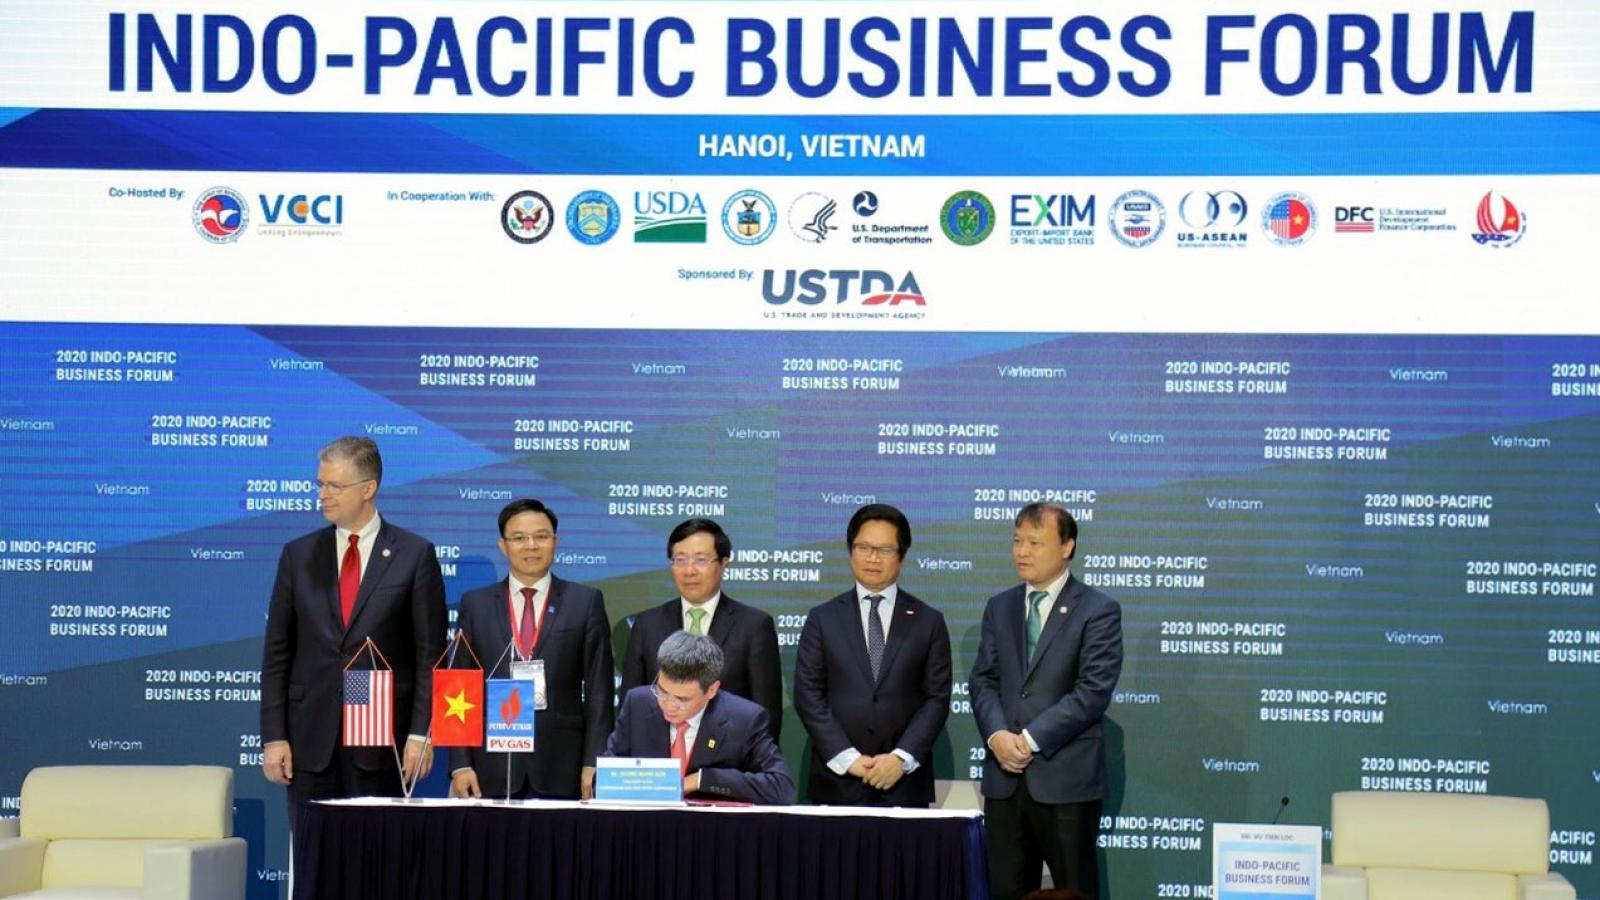 Thoả thuận các điều khoản chính của Hợp đồng liên doanh dự án kho cảng LNG Sơn Mỹ